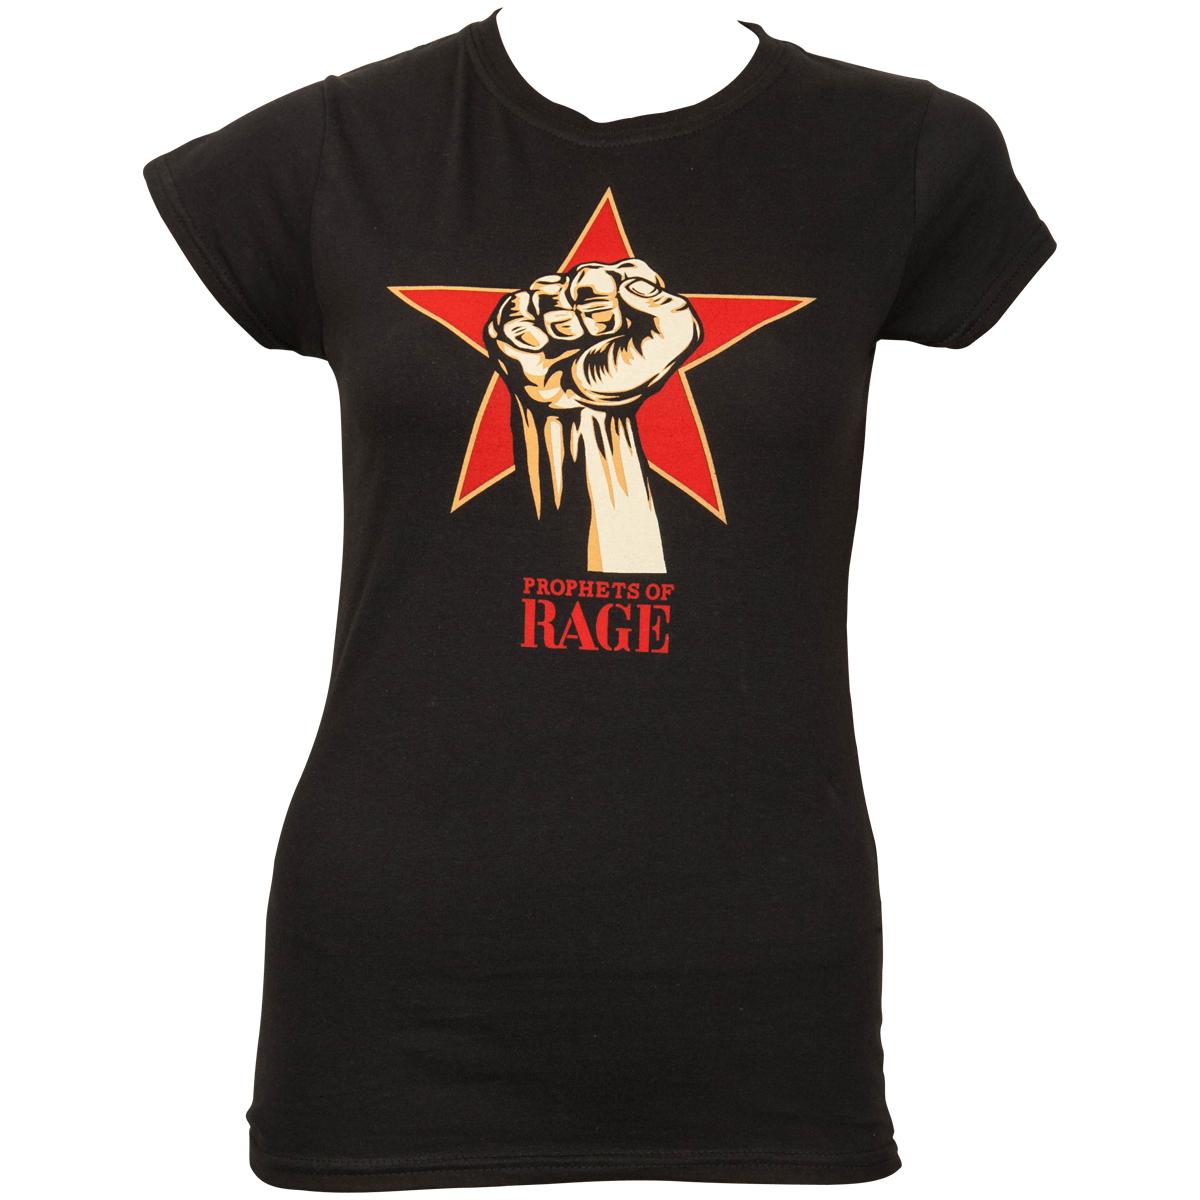 Prophets of Rage - Frauen T-Shirt Power Fist - schwarz